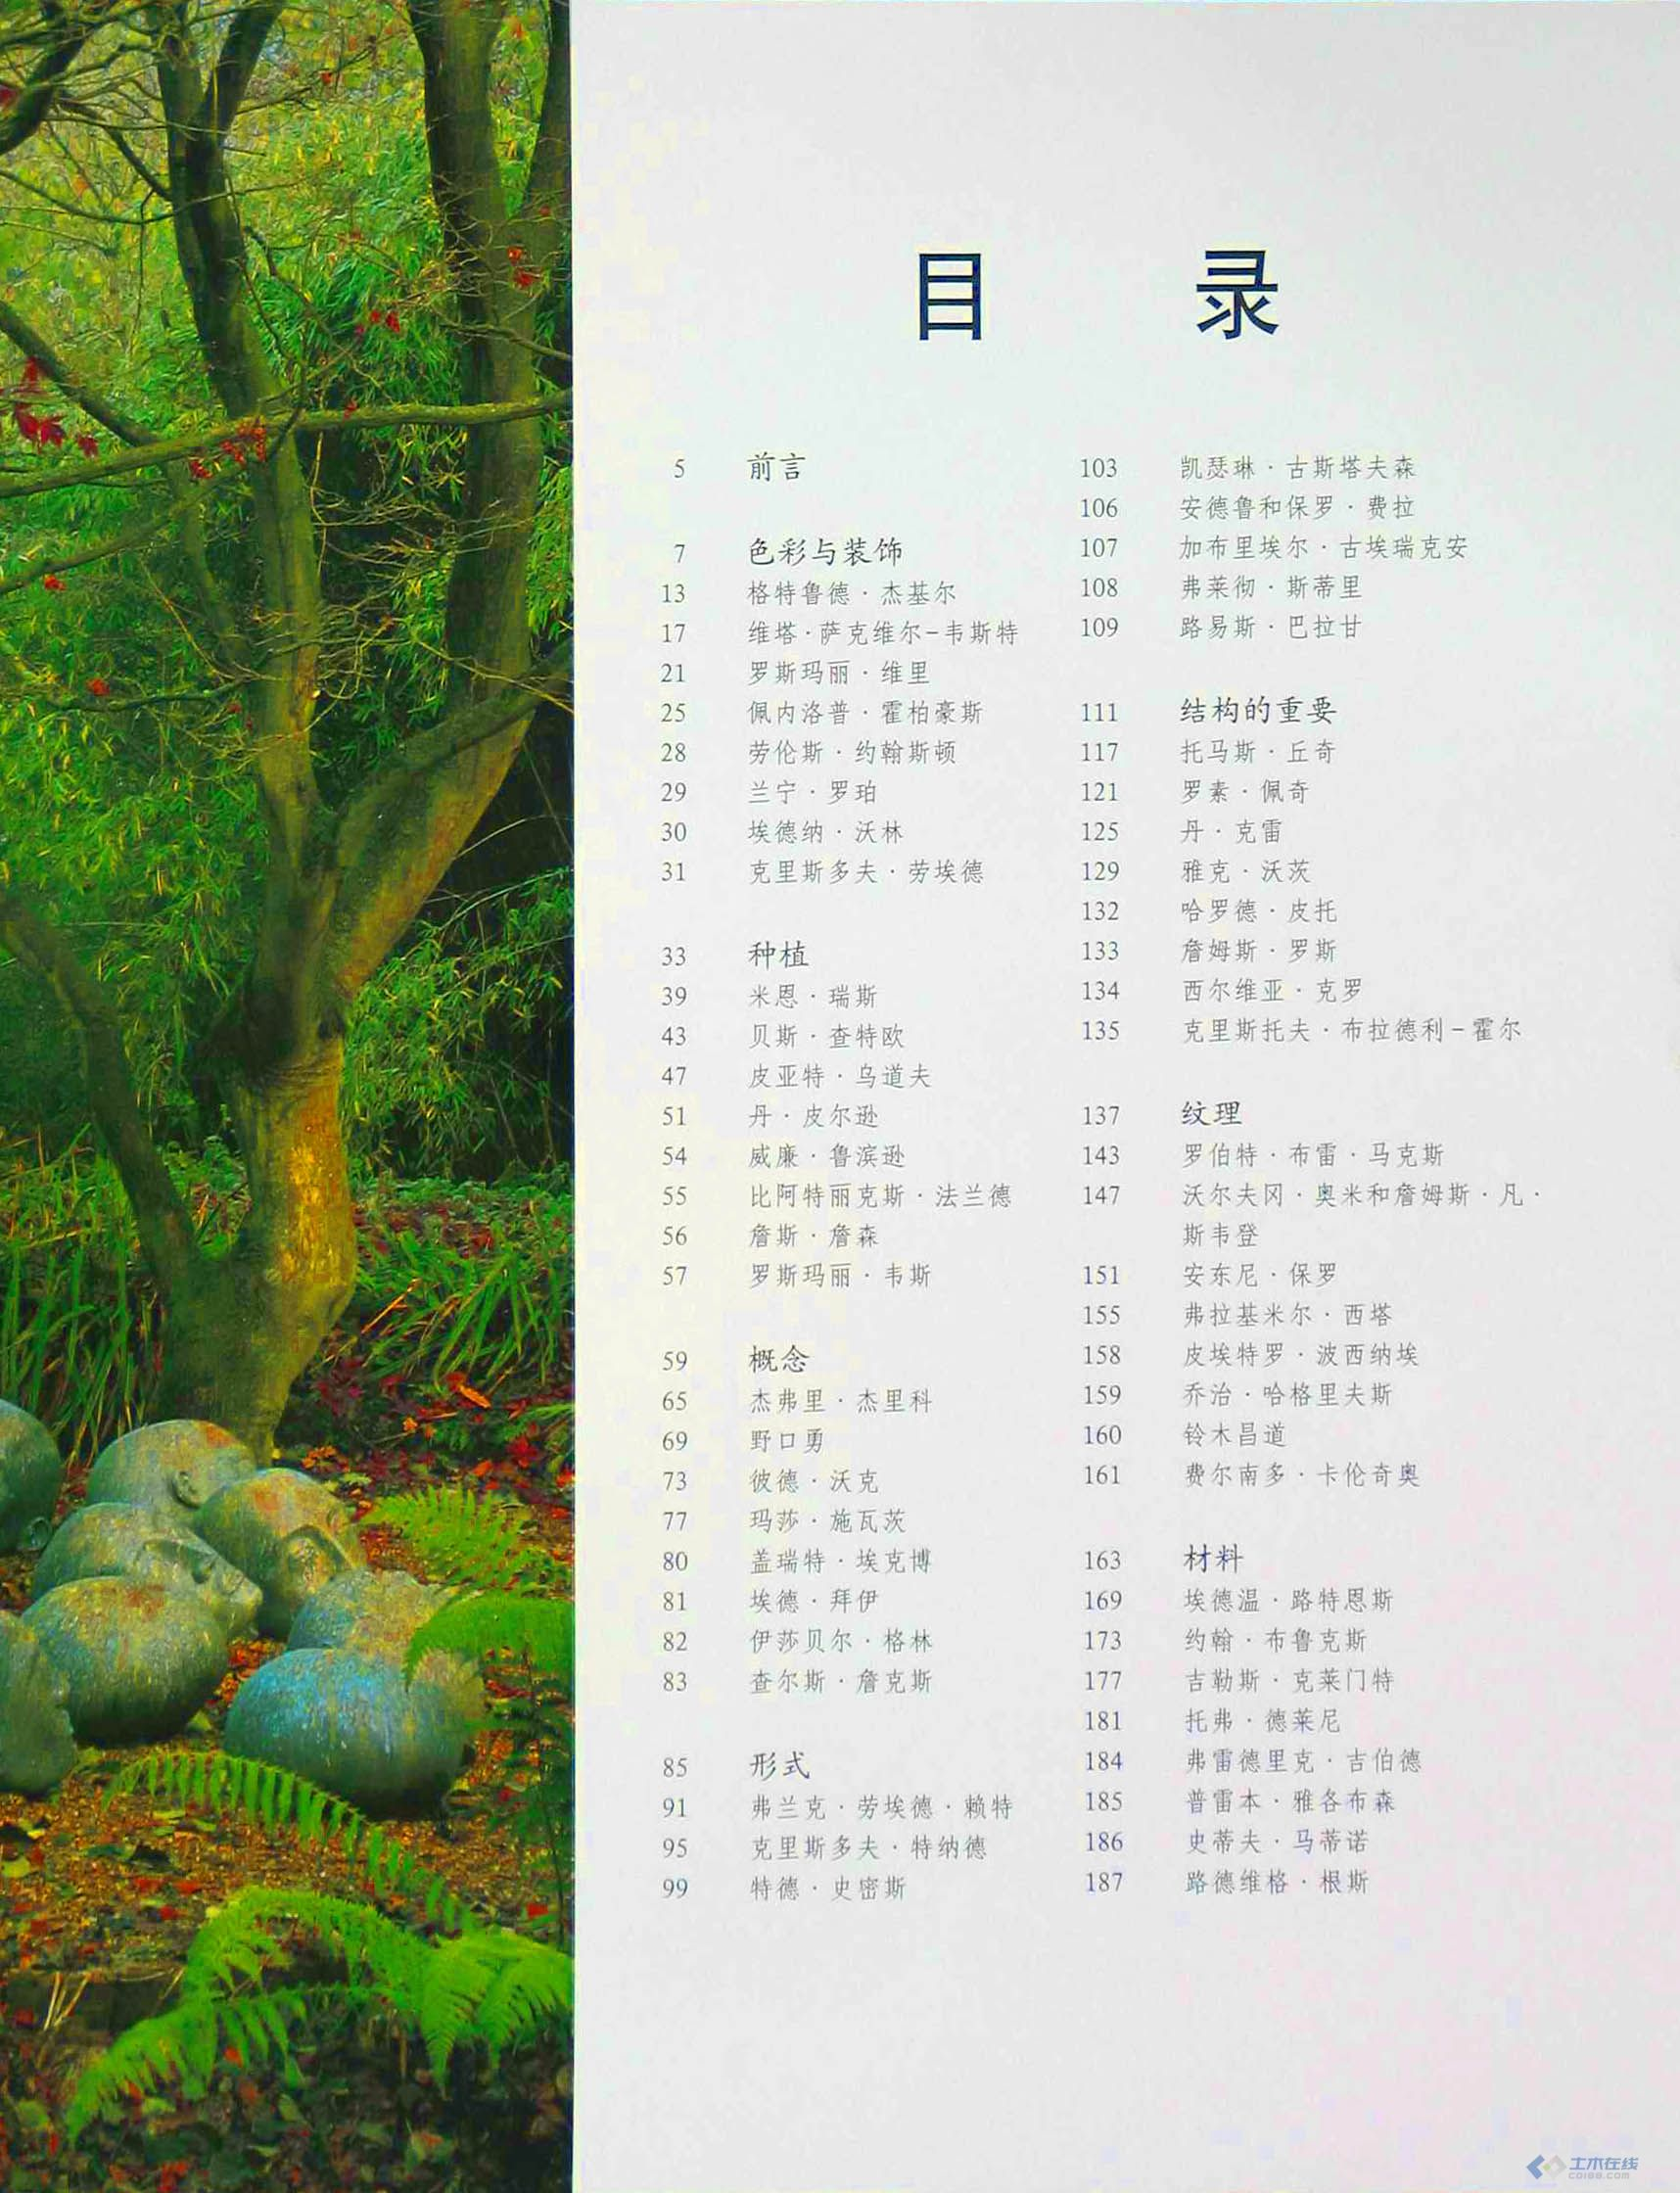 高清景观书籍 现代最具影响力的园林设计师 献给大家 土木